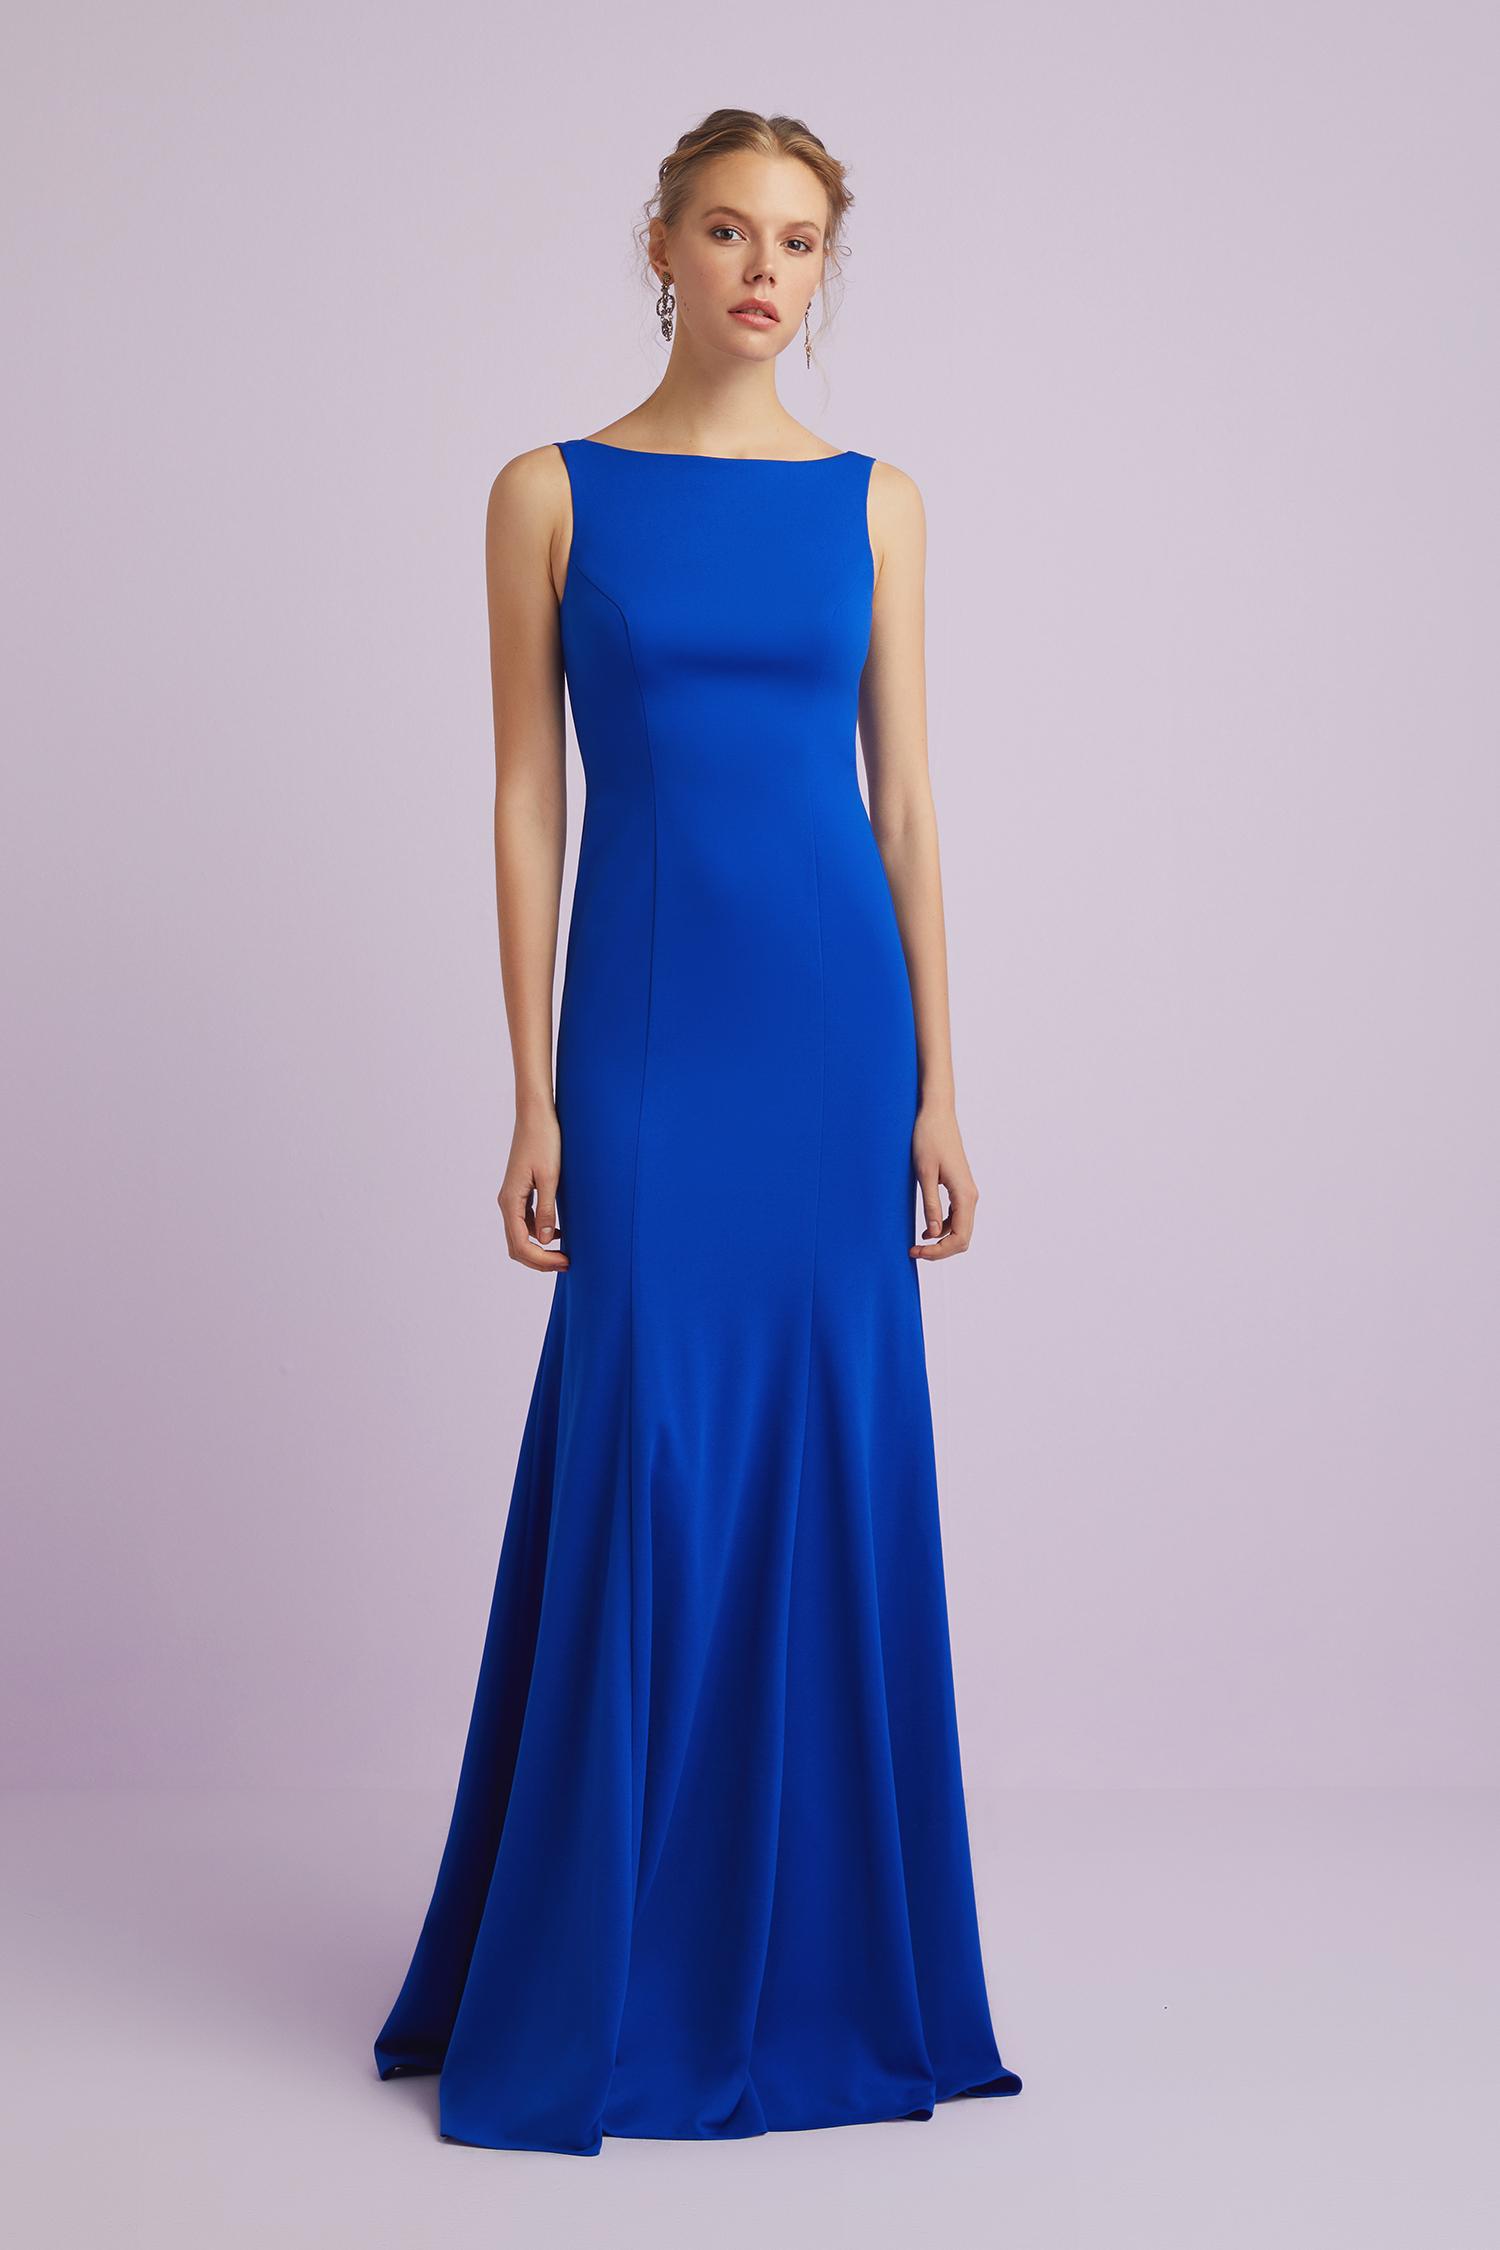 Askılı Saks Mavisi Krep Abiye Elbise